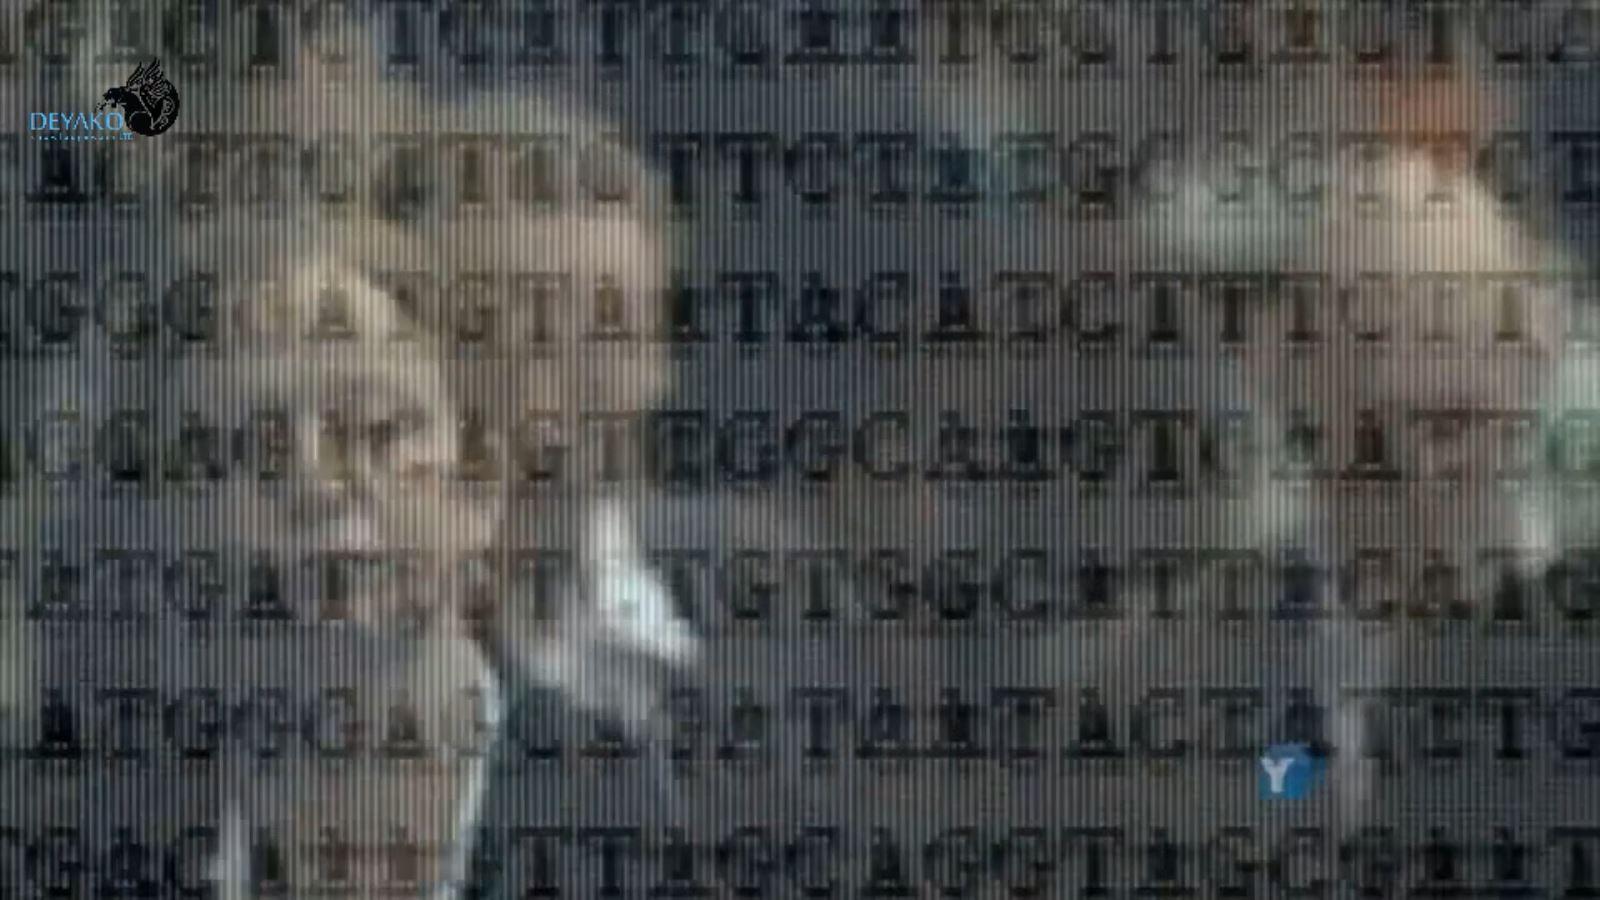 پروژه شناخت ژنوم انسان